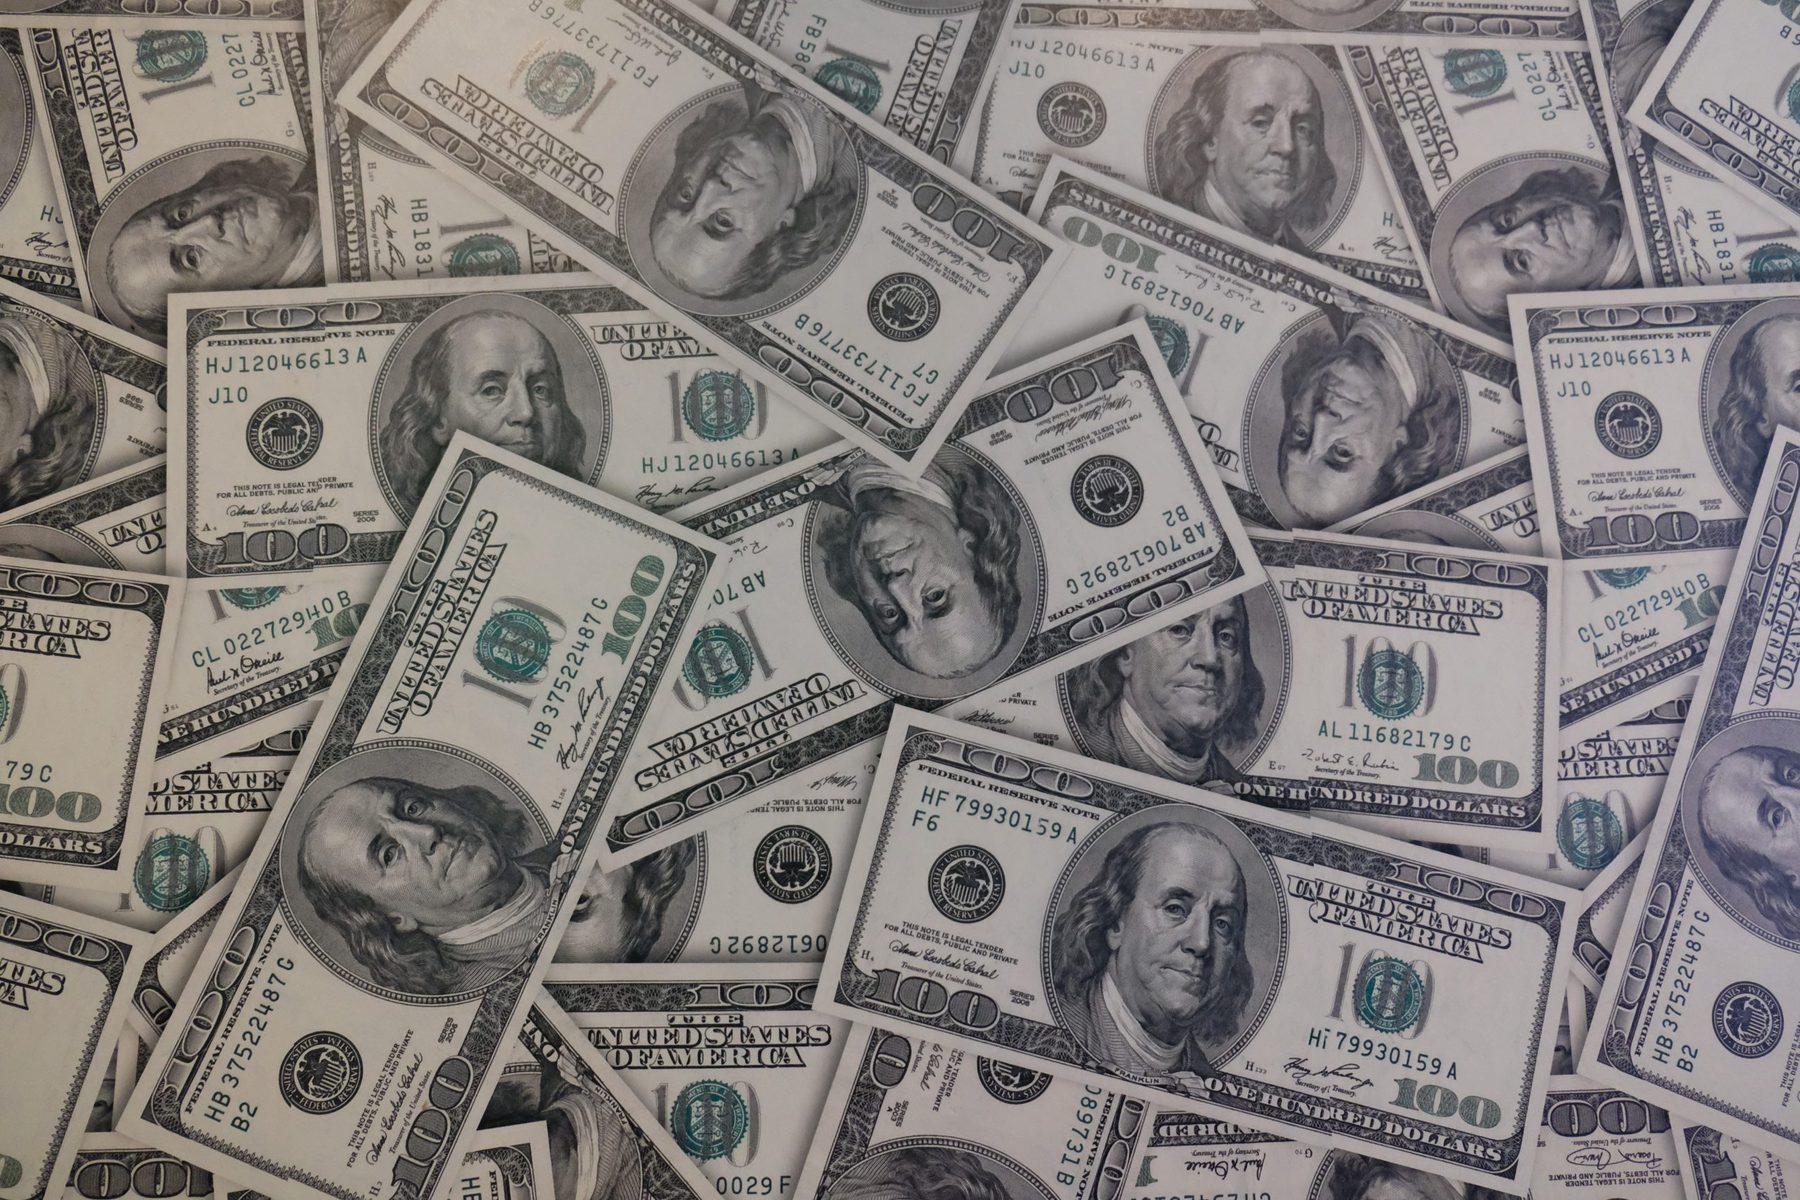 Piles of one hundred dollar bills